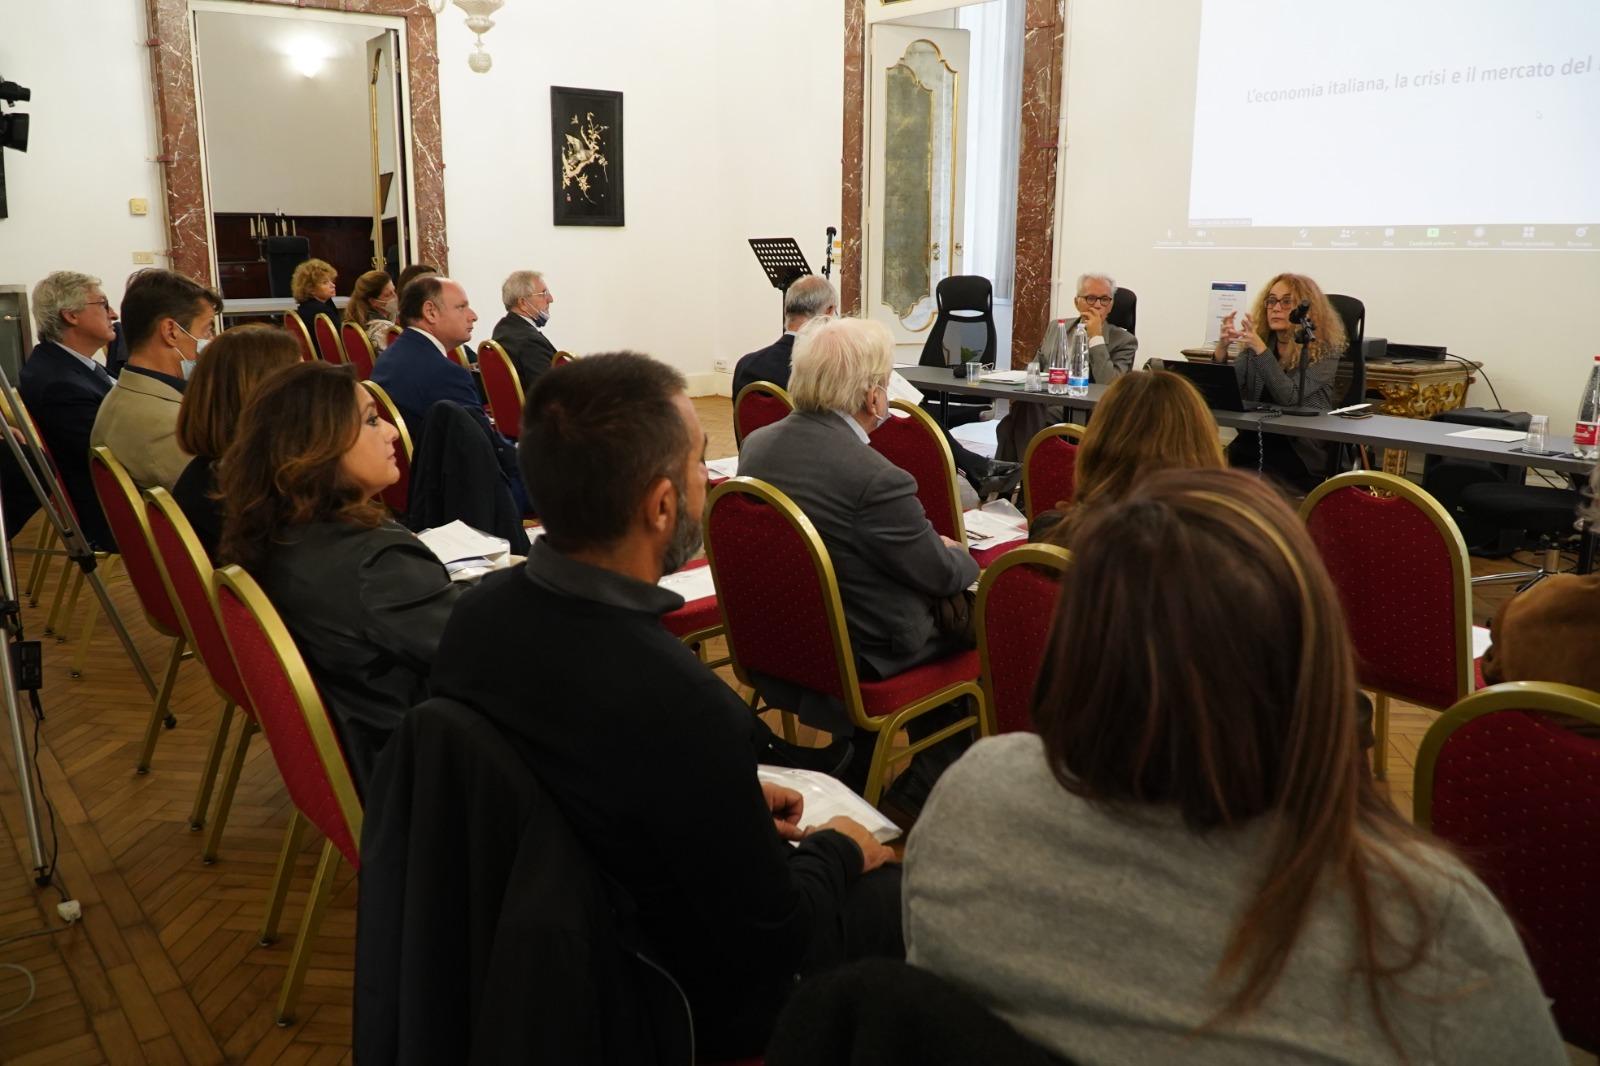 Napoli capitale del benessere, col Terzo settore si fa crescere il BLI,  Better Life Index. - Gazzetta di Napoli